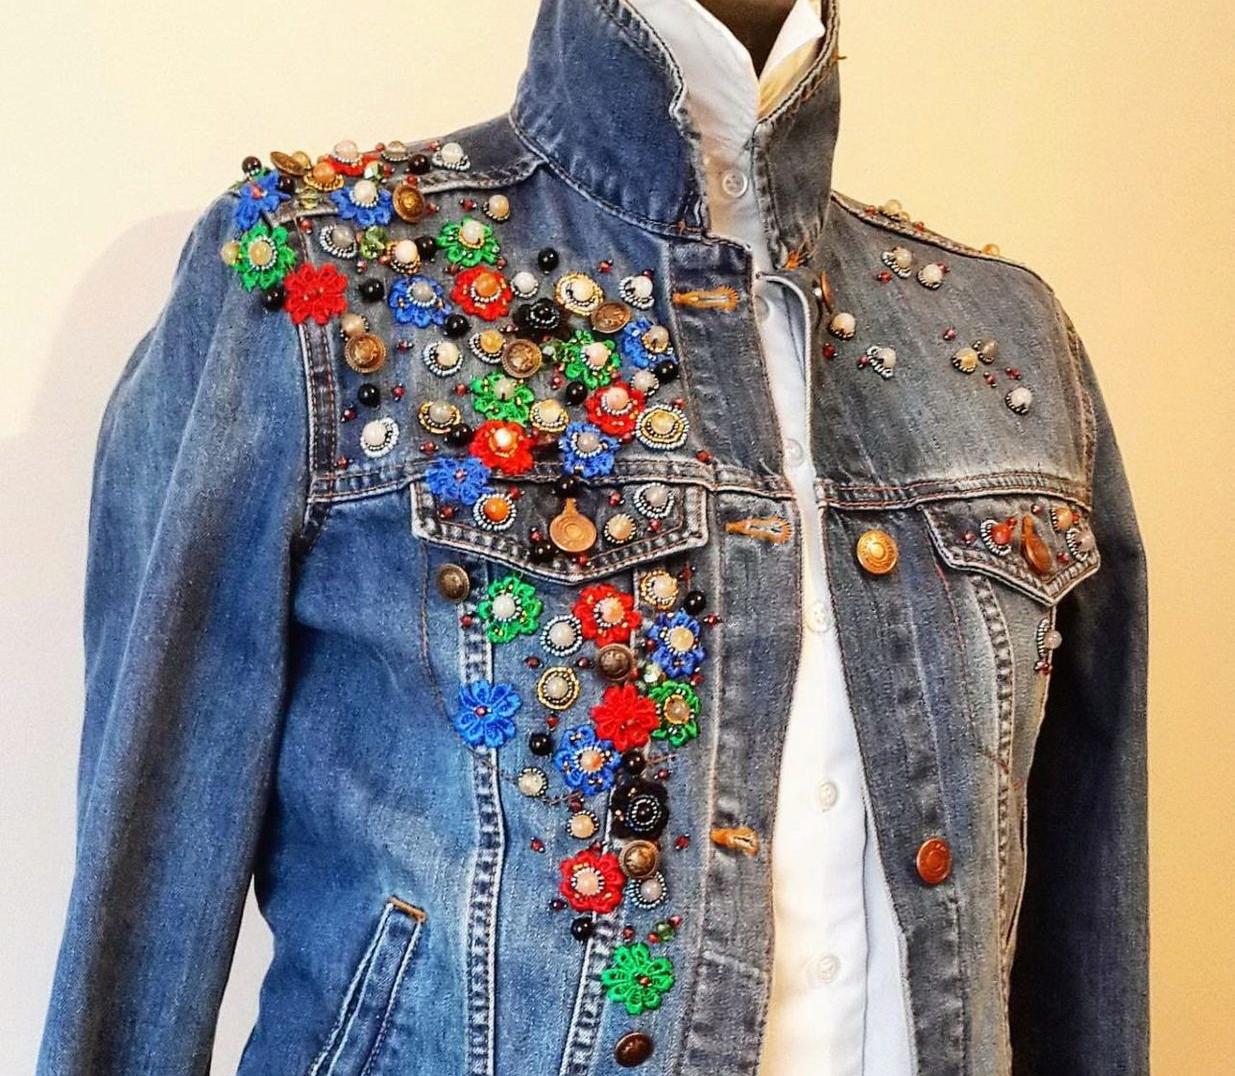 забудь как украсить джинсовую куртку своими руками фото кто